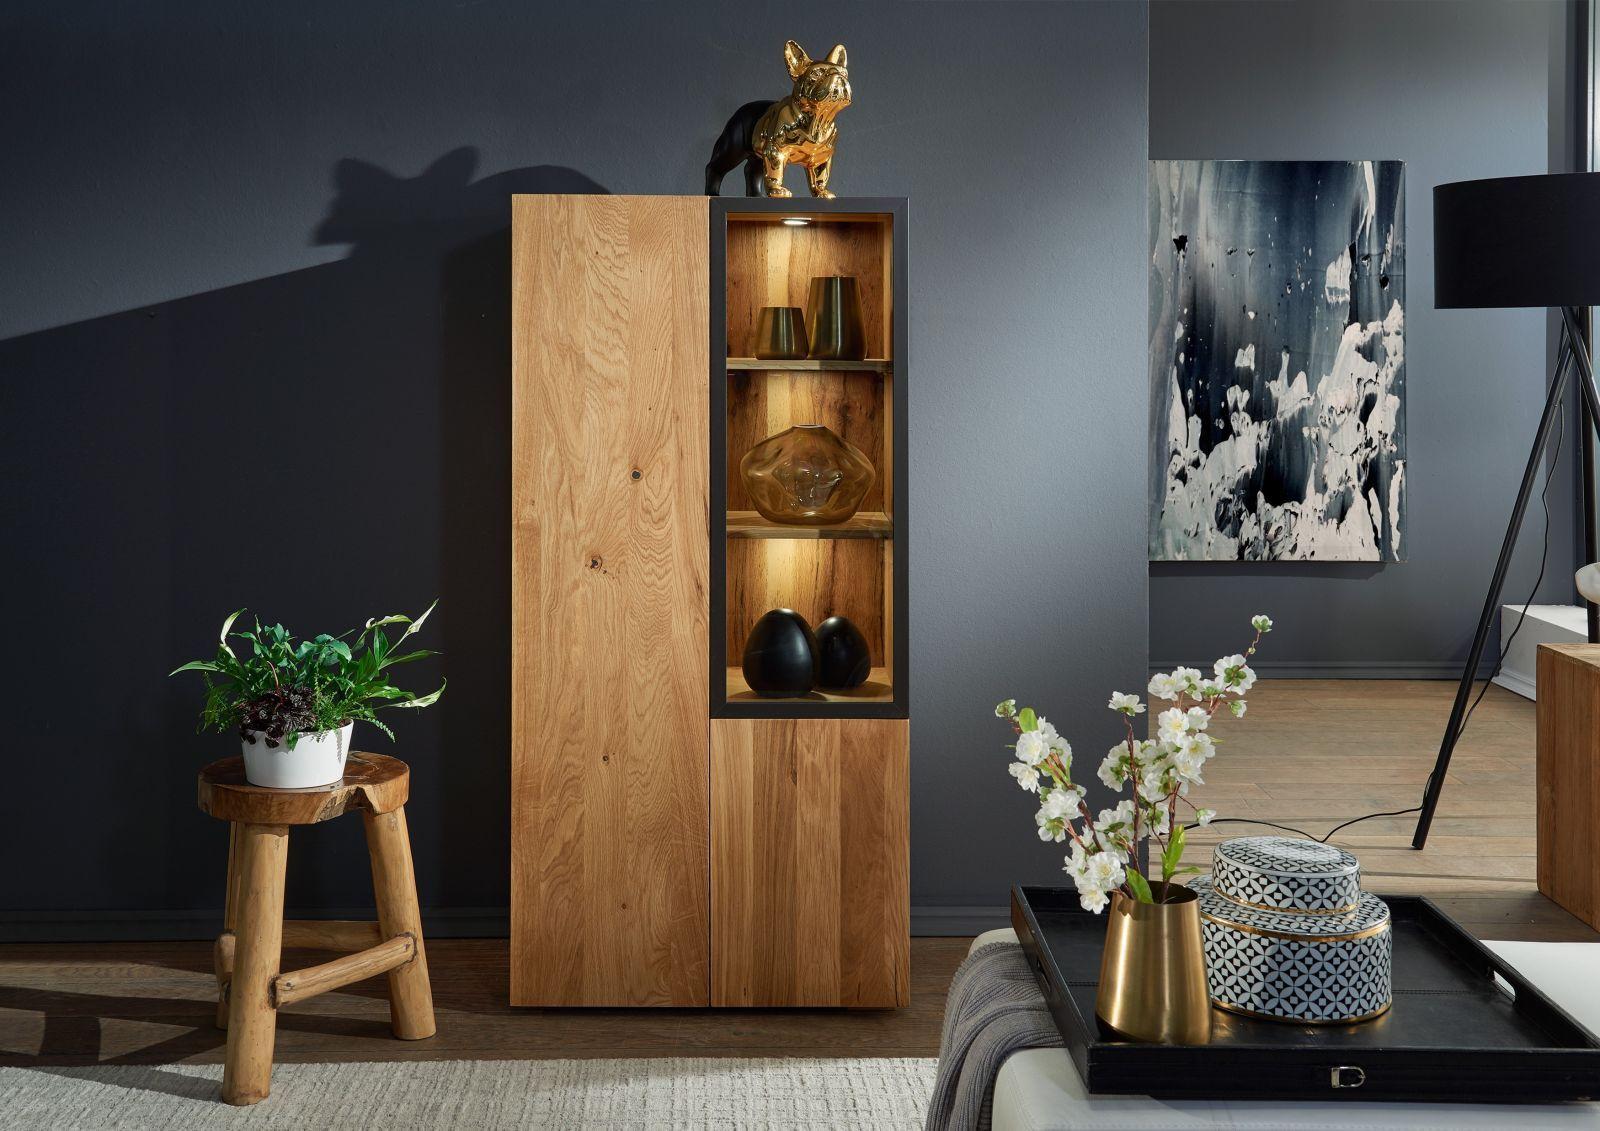 #massivmoebel24 #Eiche #Eichenholz #wood #wohnen #holzdetail #massiv #Zerreiche #Inspiration #interior #Wohnzimmer #Möbel #holz #instainterior #instahome #interiorlover #livingroom #highboard #schrank #modern #furniture  #einrichtung #einrichtungsideen #decoracao #decorideas #bamberg #modernhomes #dailyinterior #Esszimmer #stauraummöbel